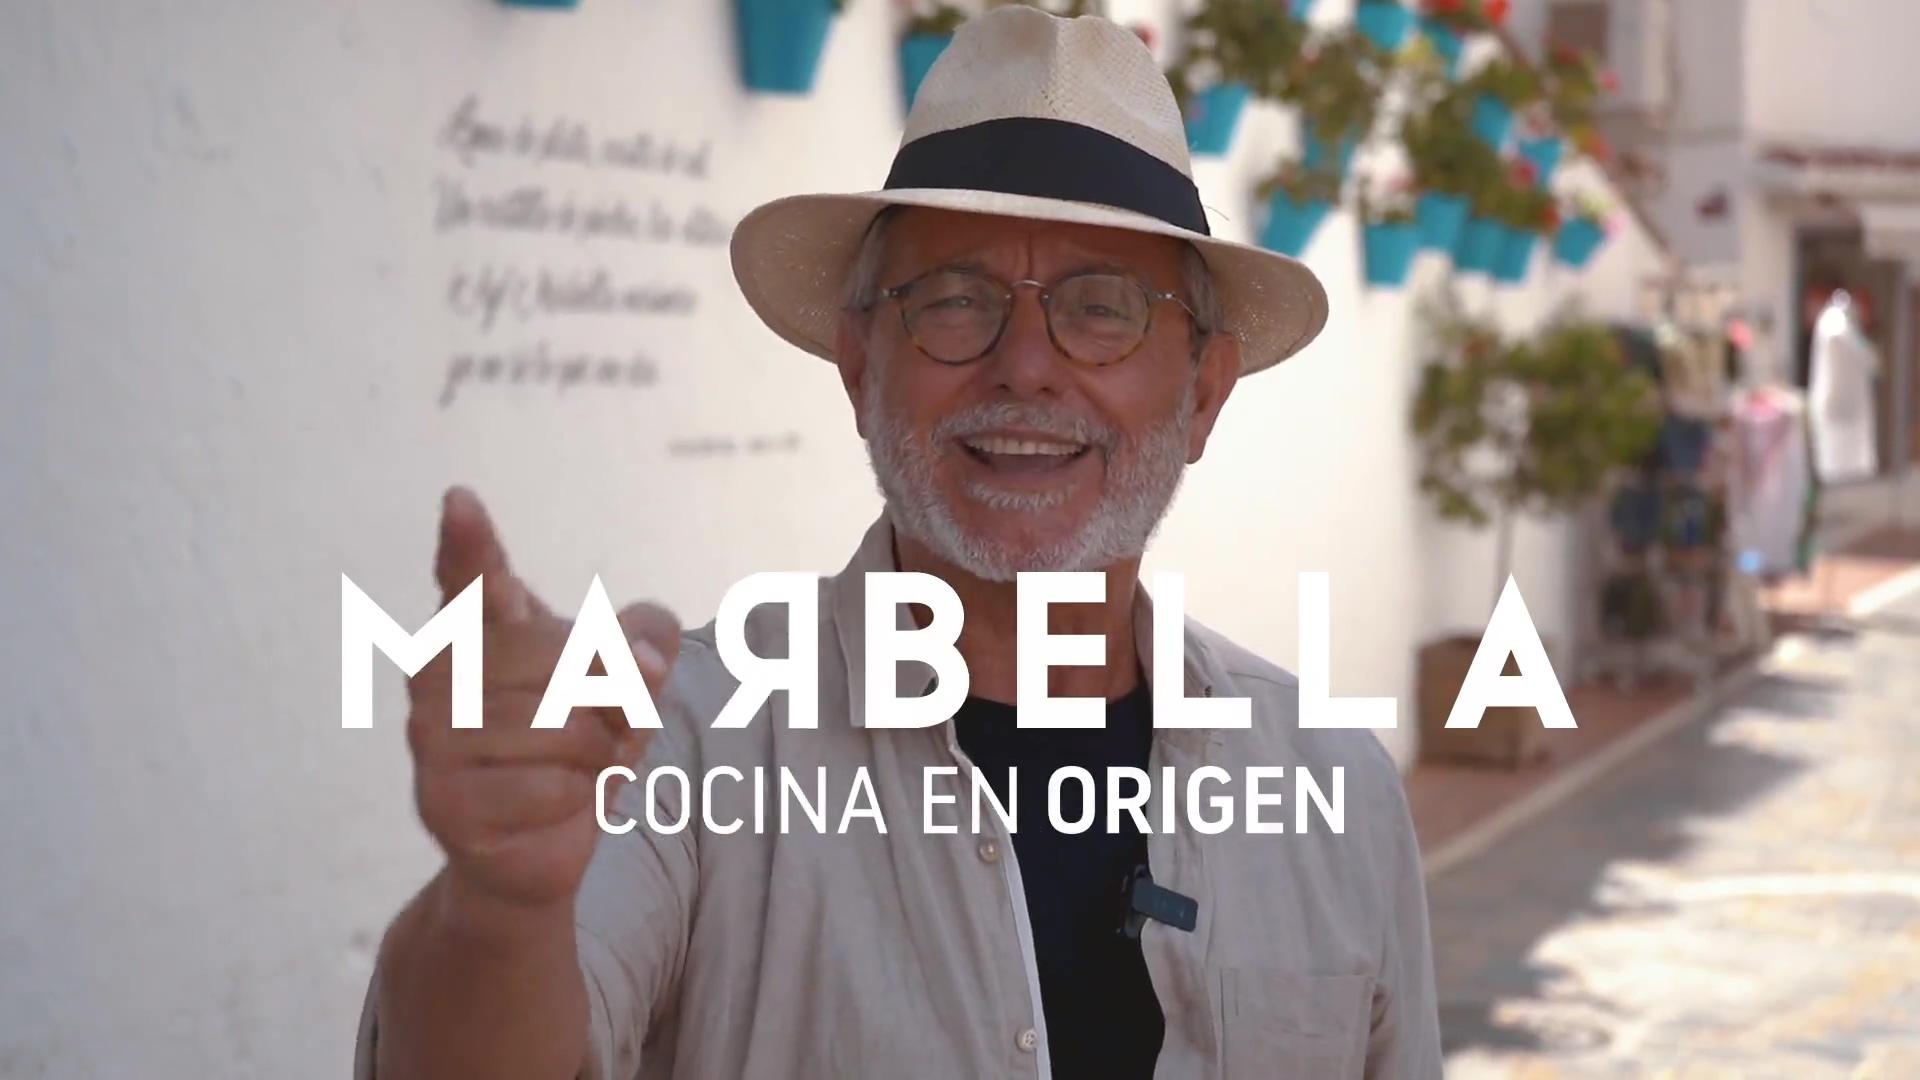 MARBELLA - MALAGA COCINA EN ORIGEN